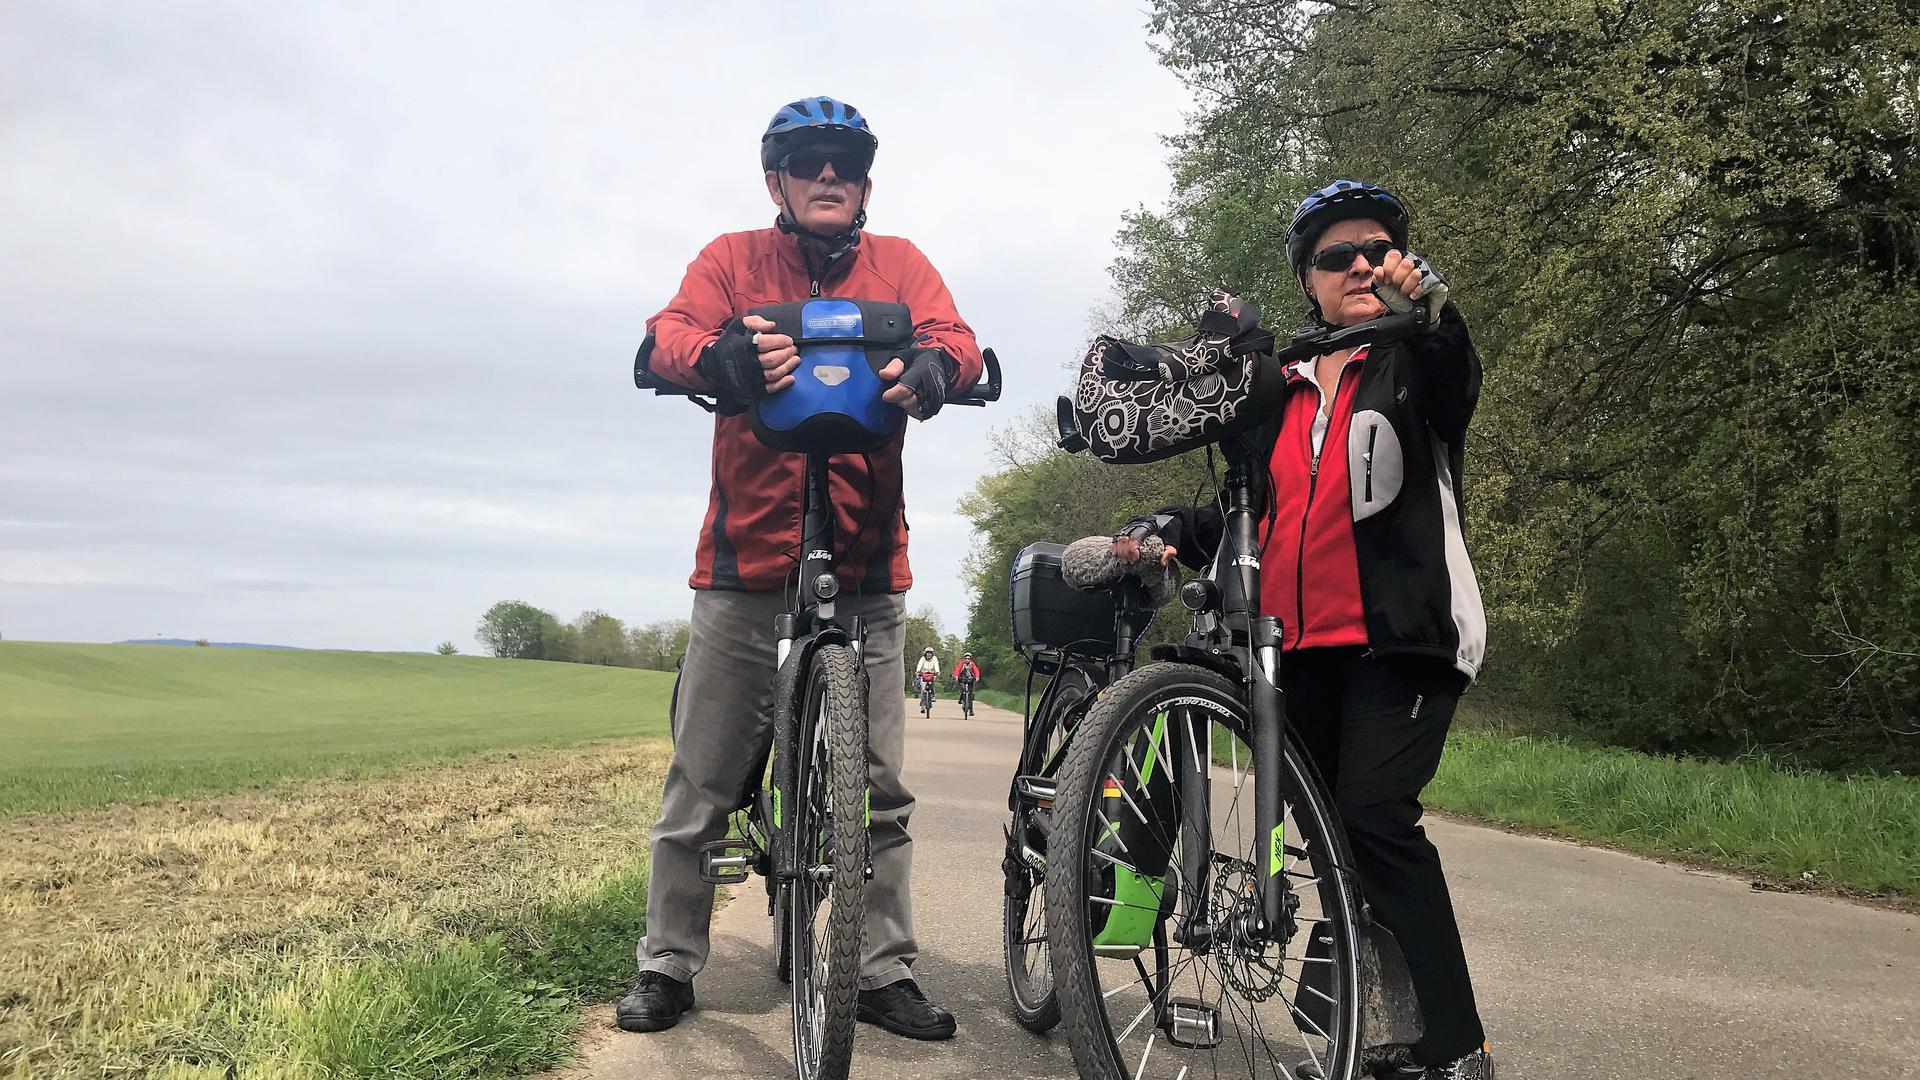 Karl-Heinz Heger und seine Frau stehen bei ihren Fahrrädern auf einer beliebten Radstrecke beim Kriegbach.